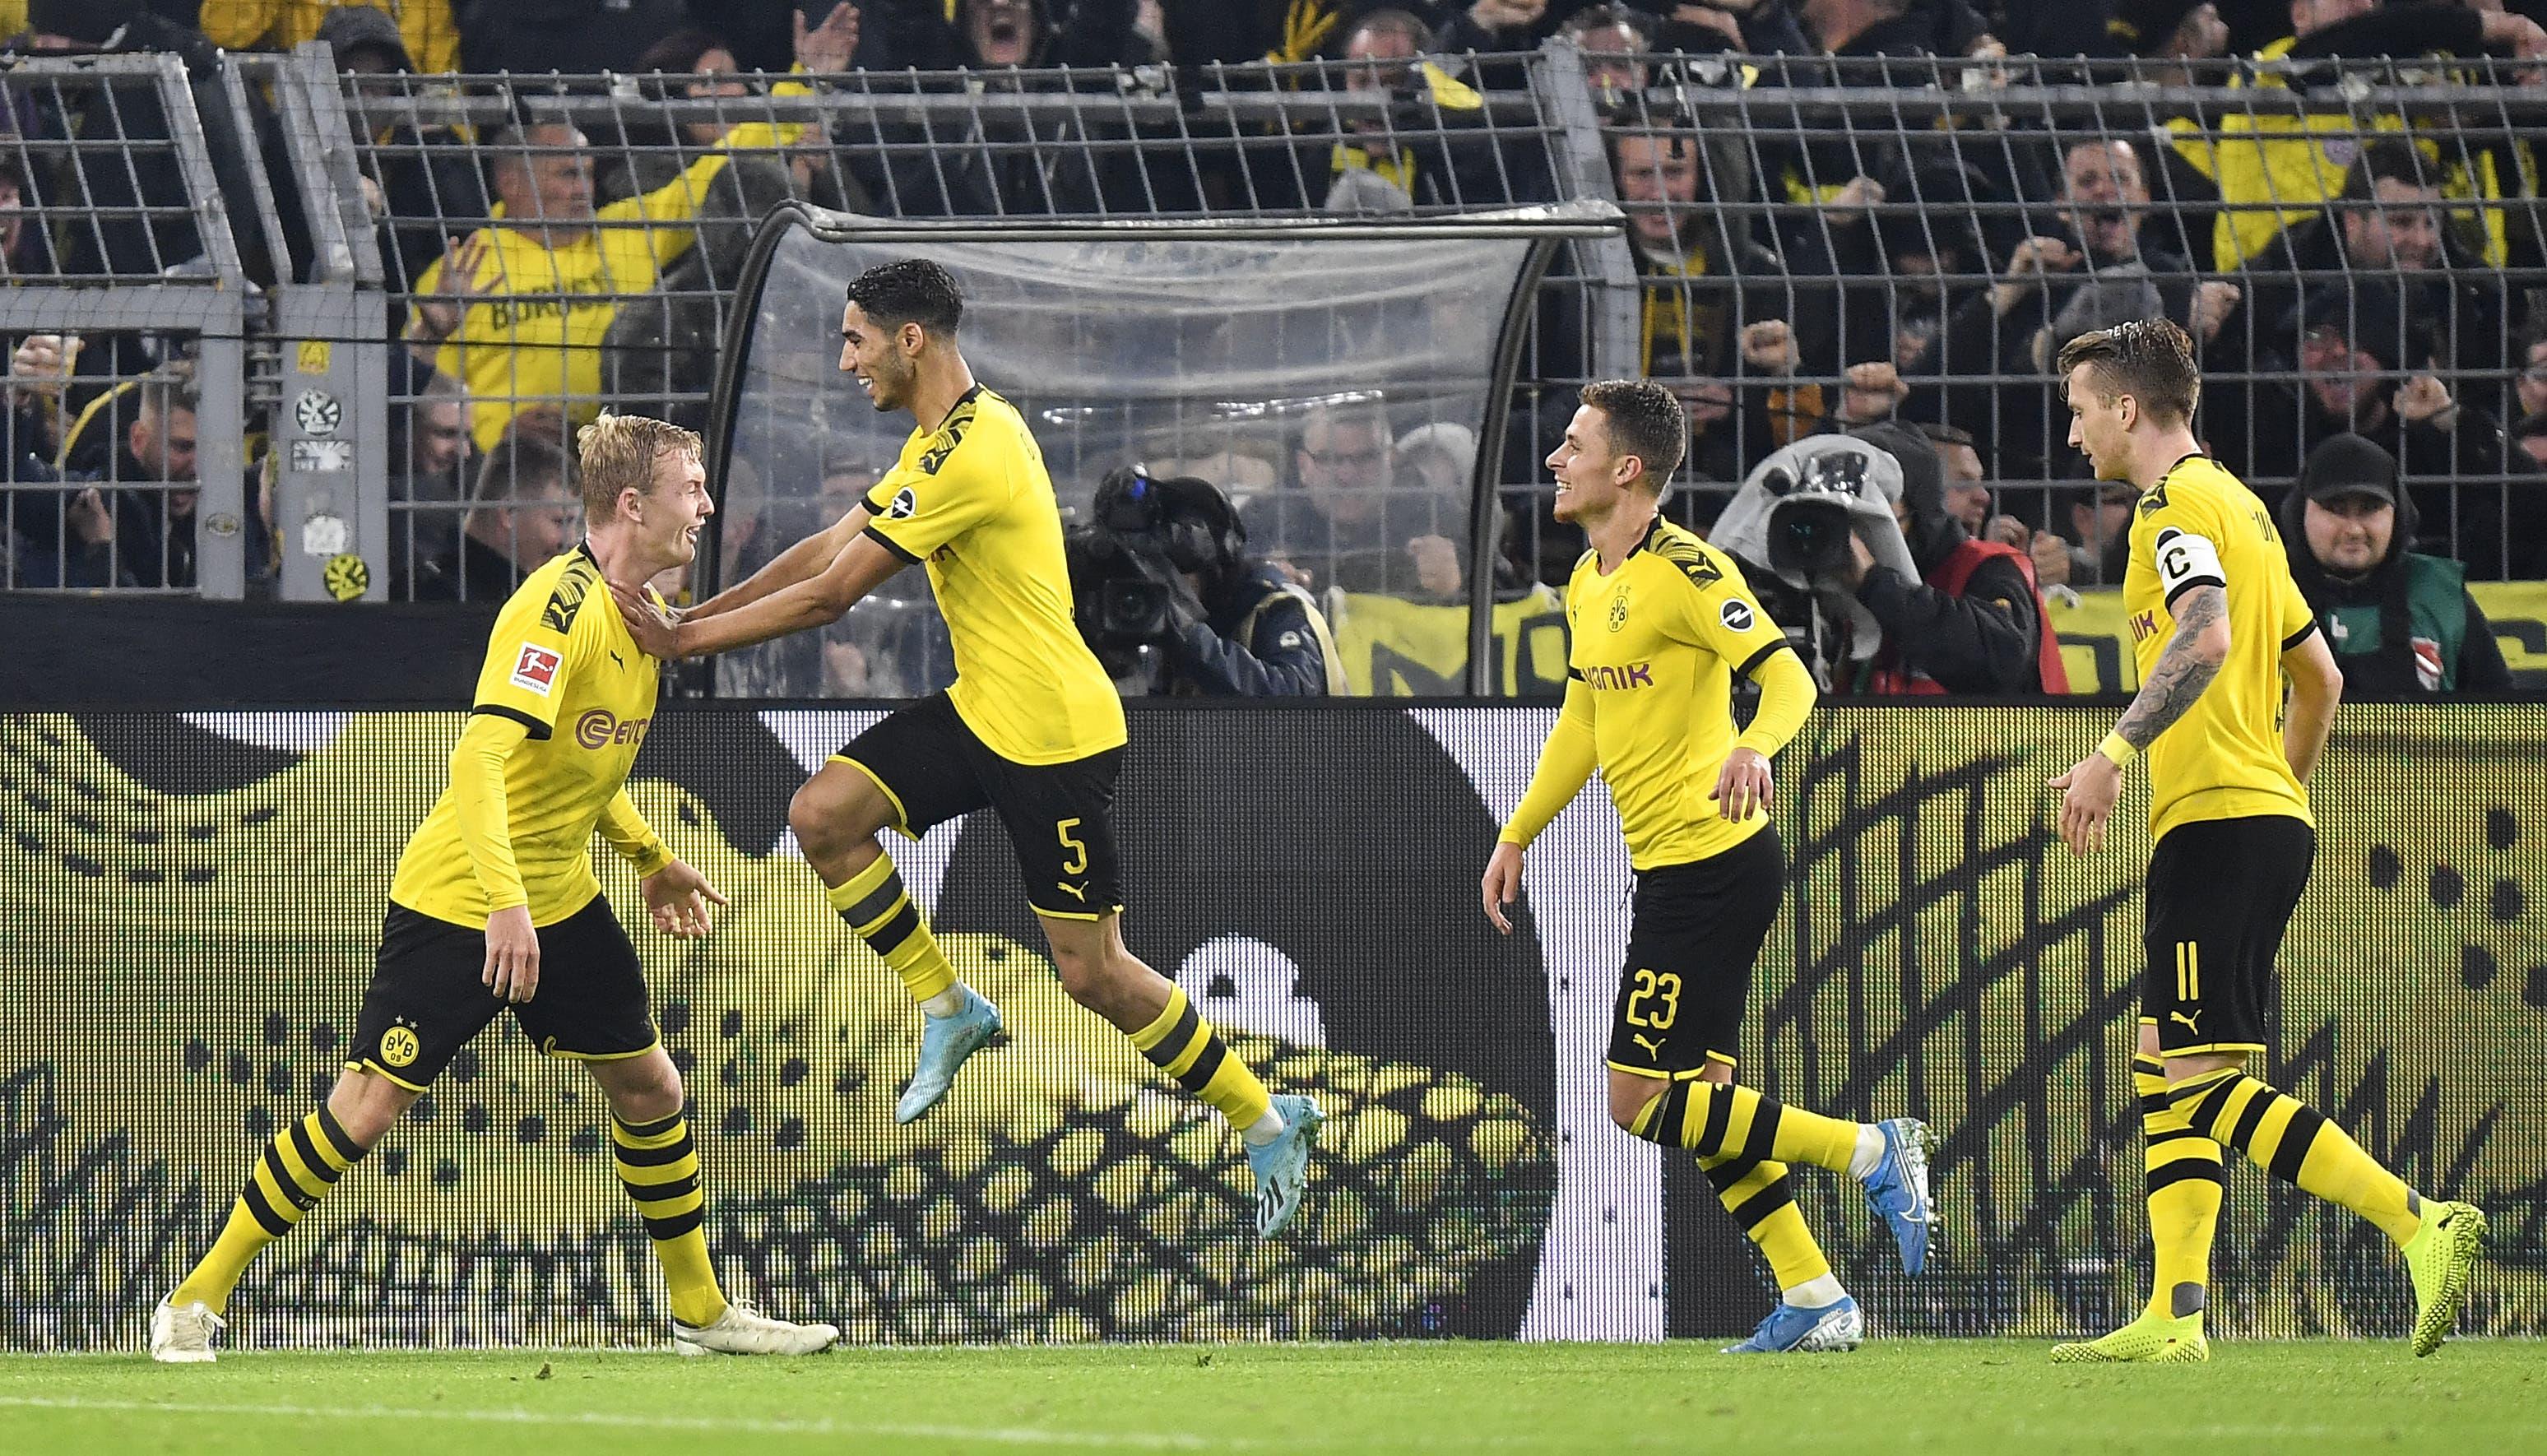 Borussia DortmundTabellenplatz: 4  Prognose: Rang 3  Begründung: Die Dortmunder spielen wieder konstant guten Fussball, um den Meistertitel werden sie aber nicht mitreden.